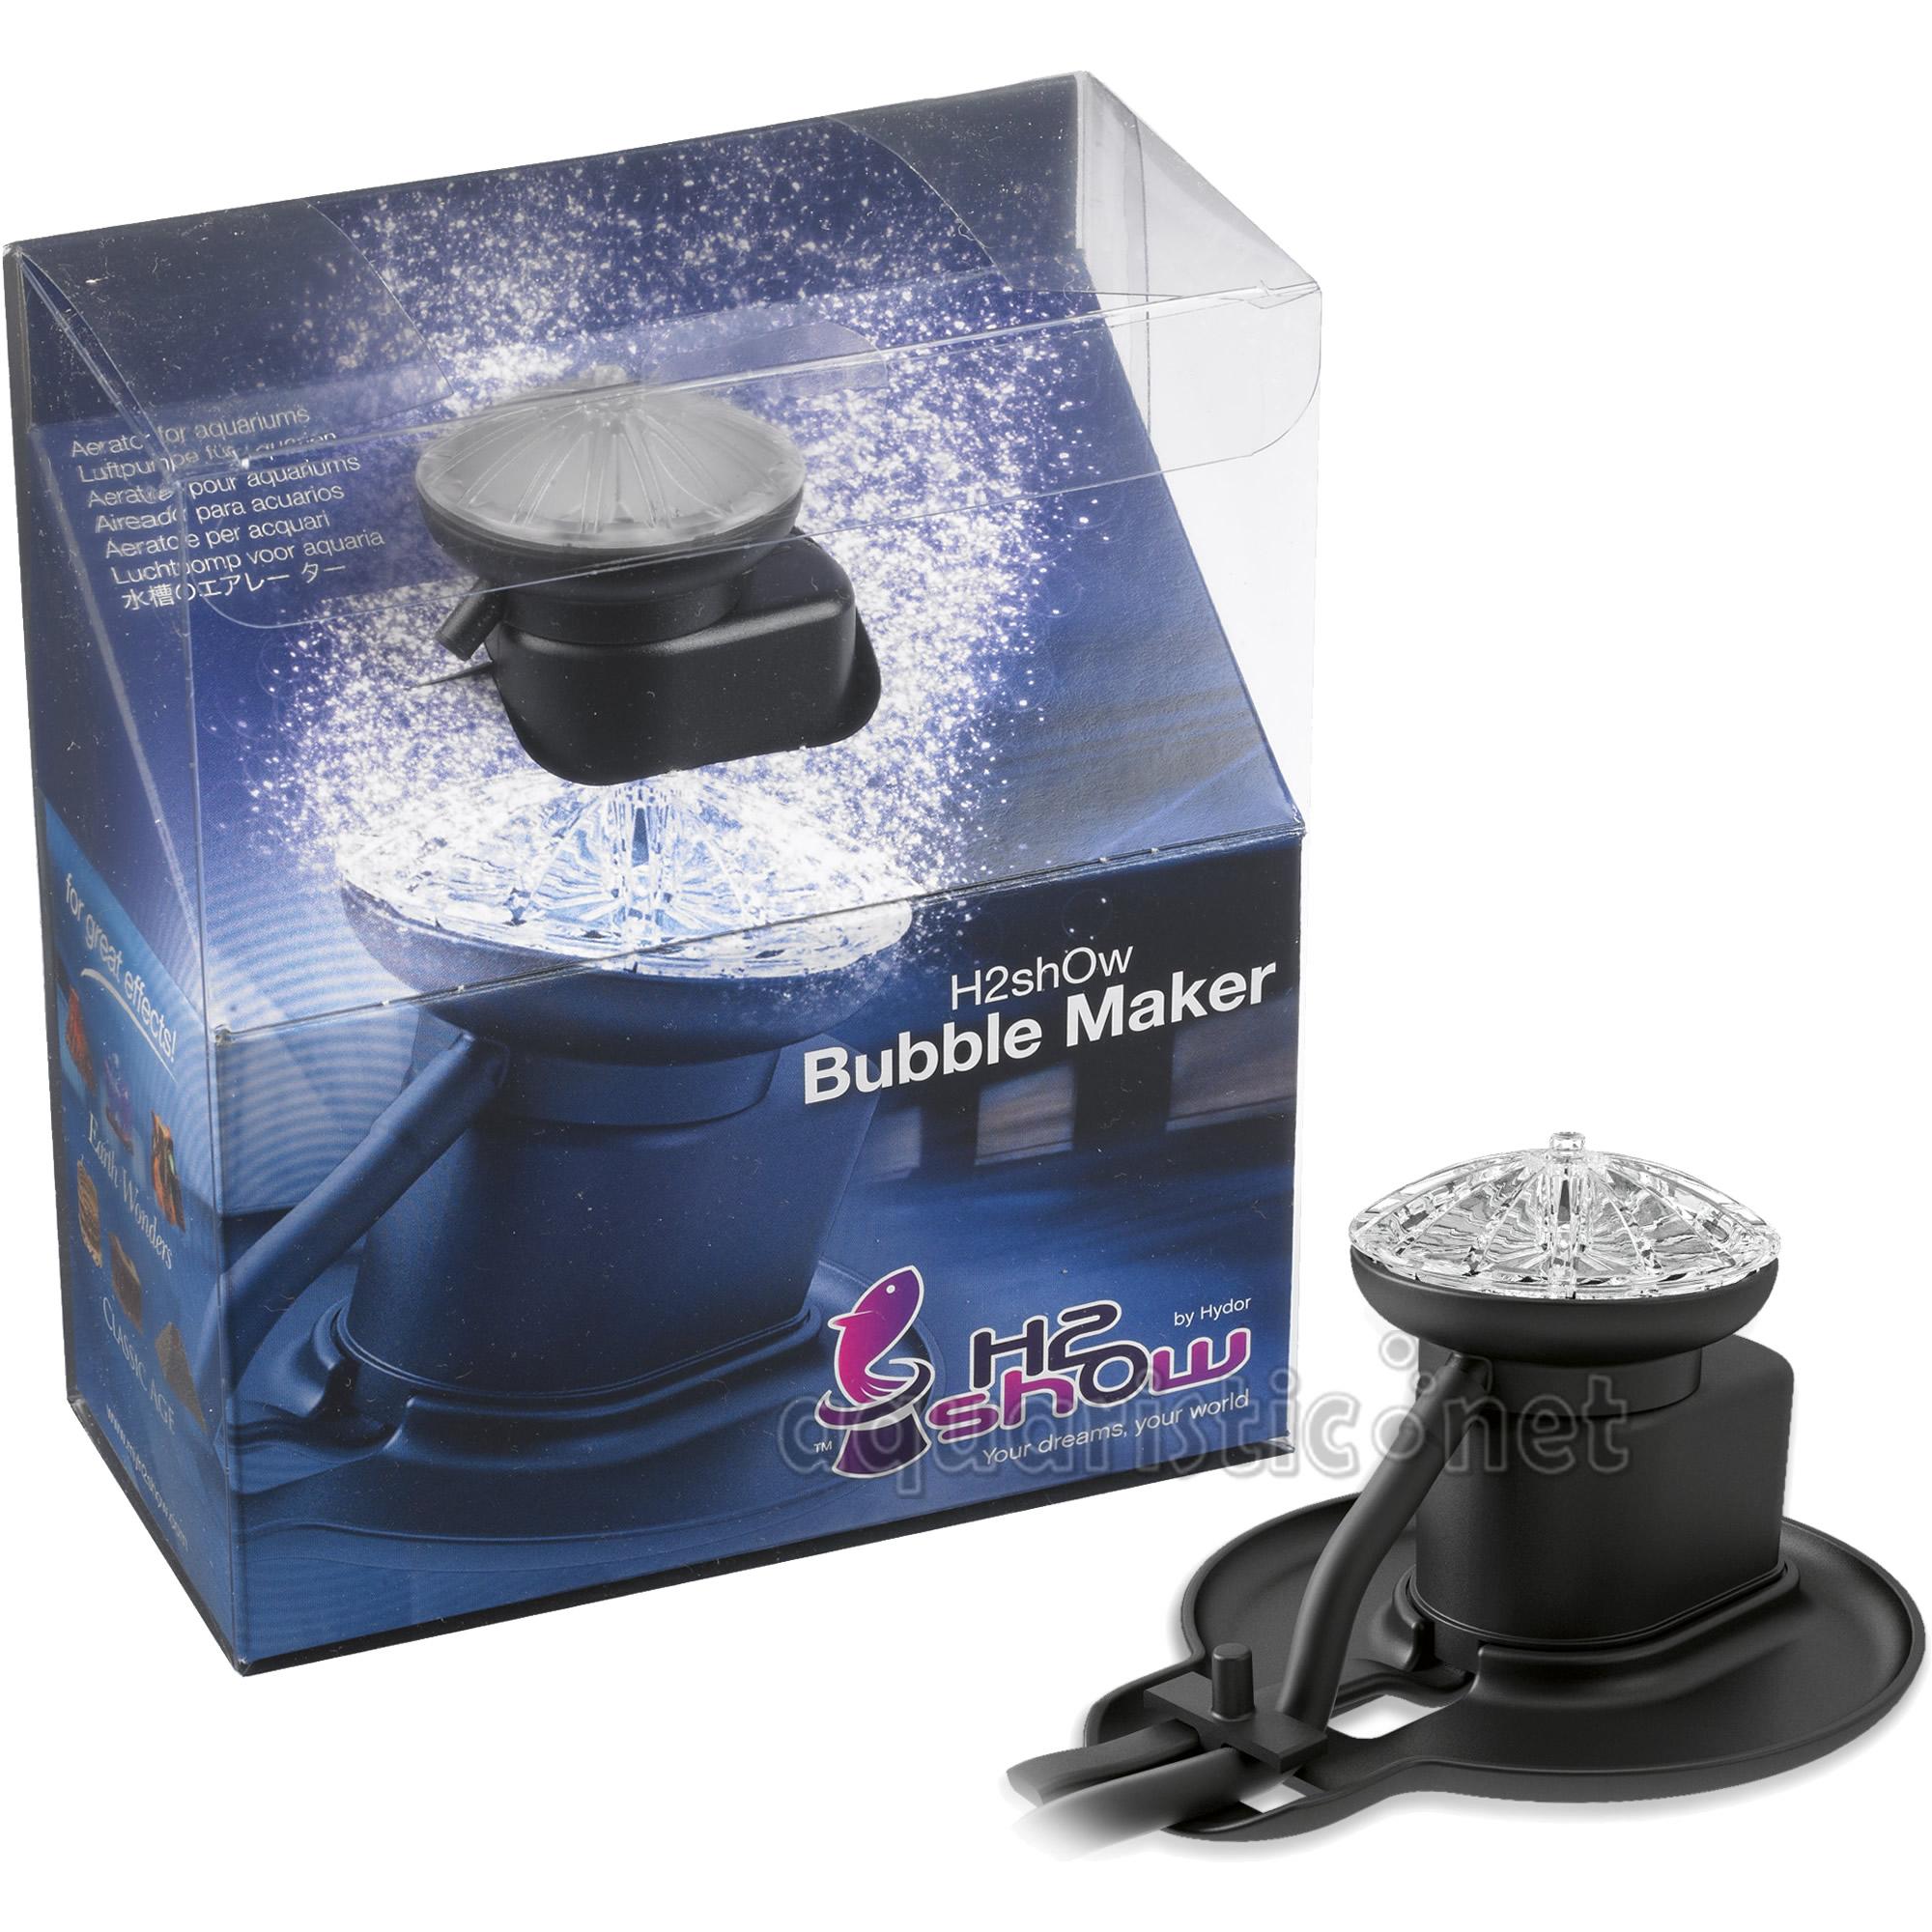 Hydor H2shOw Bubble Maker